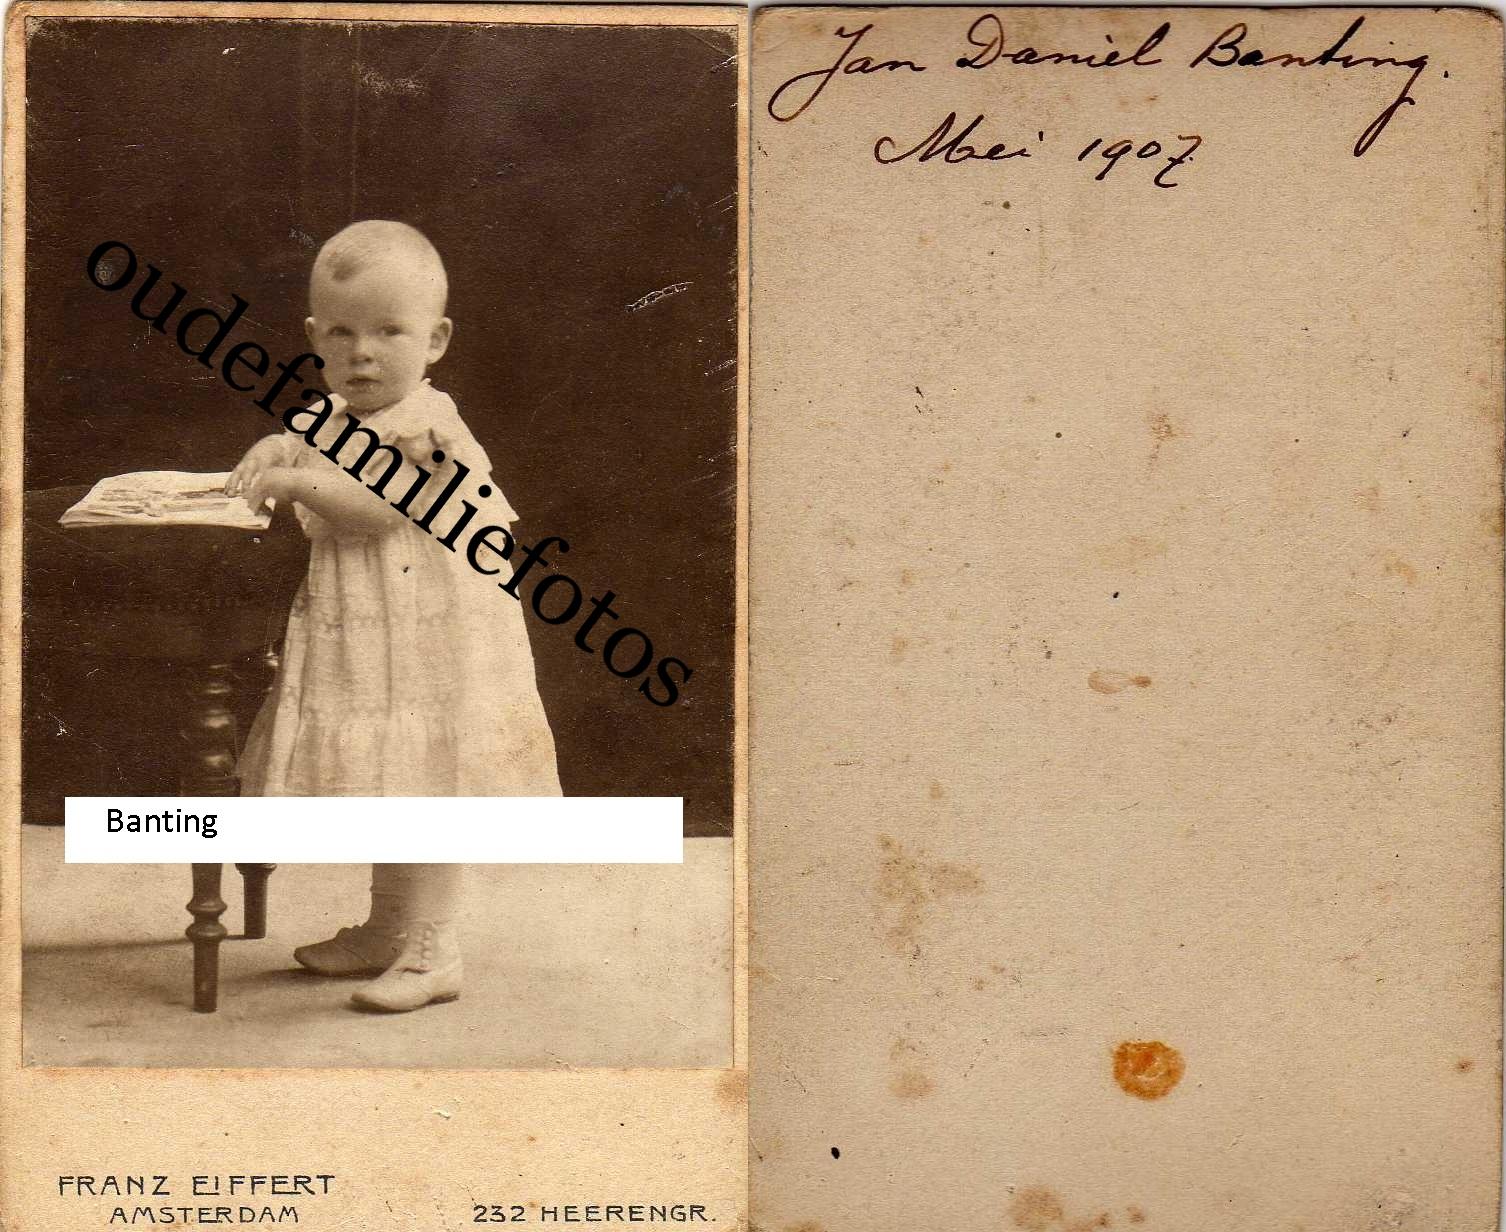 Banting, Jan Daniél geb. 15-10-1905 A'dam Moeder Posthumus. € 2,00